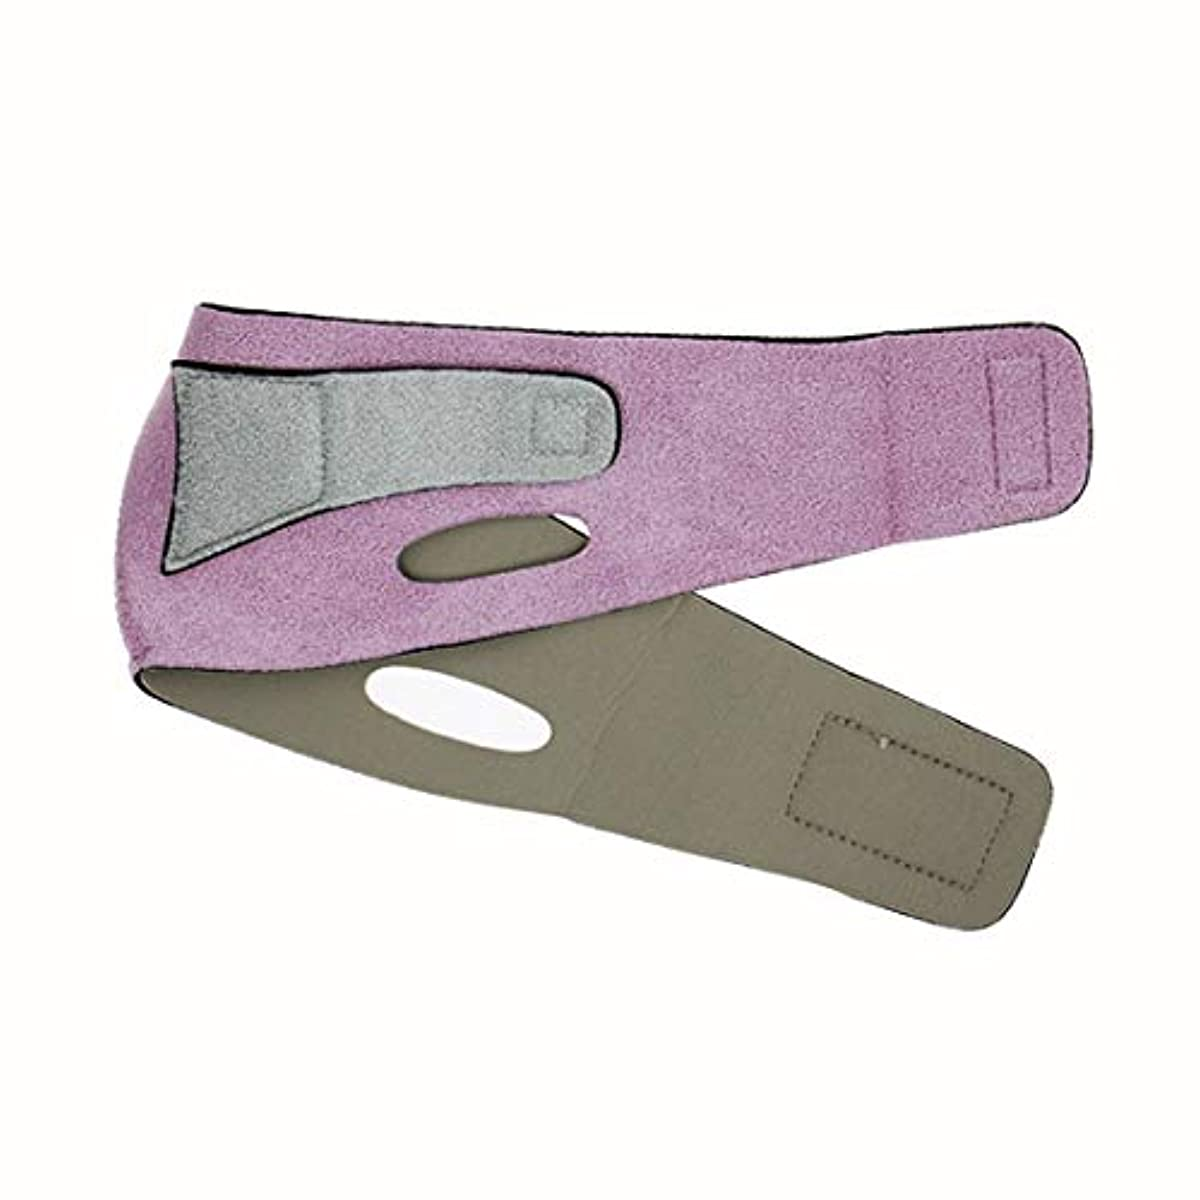 統計摩擦加入Visenta フェイス マスク ベルト 小颜 補正ベルト リフトアップベルト 顎固定サポーター いびき睡眠グッズ 無臭 肌に優しい